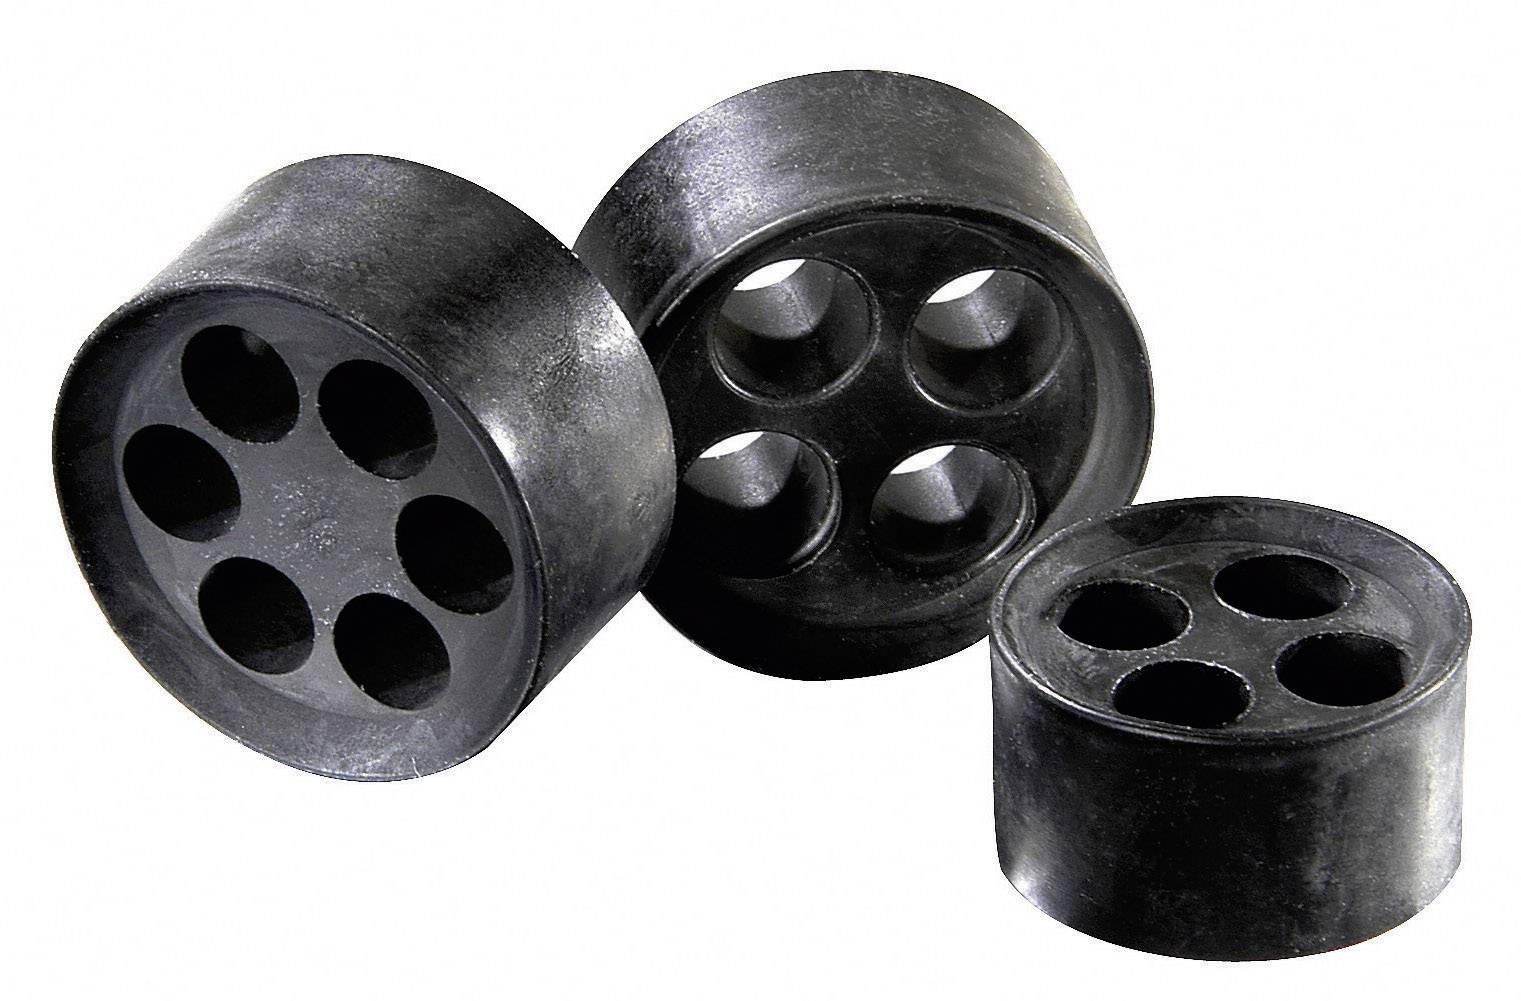 Těsnicí vložka M32 Wiska MFD 32/06/060 (10064345), IP66, M32, elastomer, černá